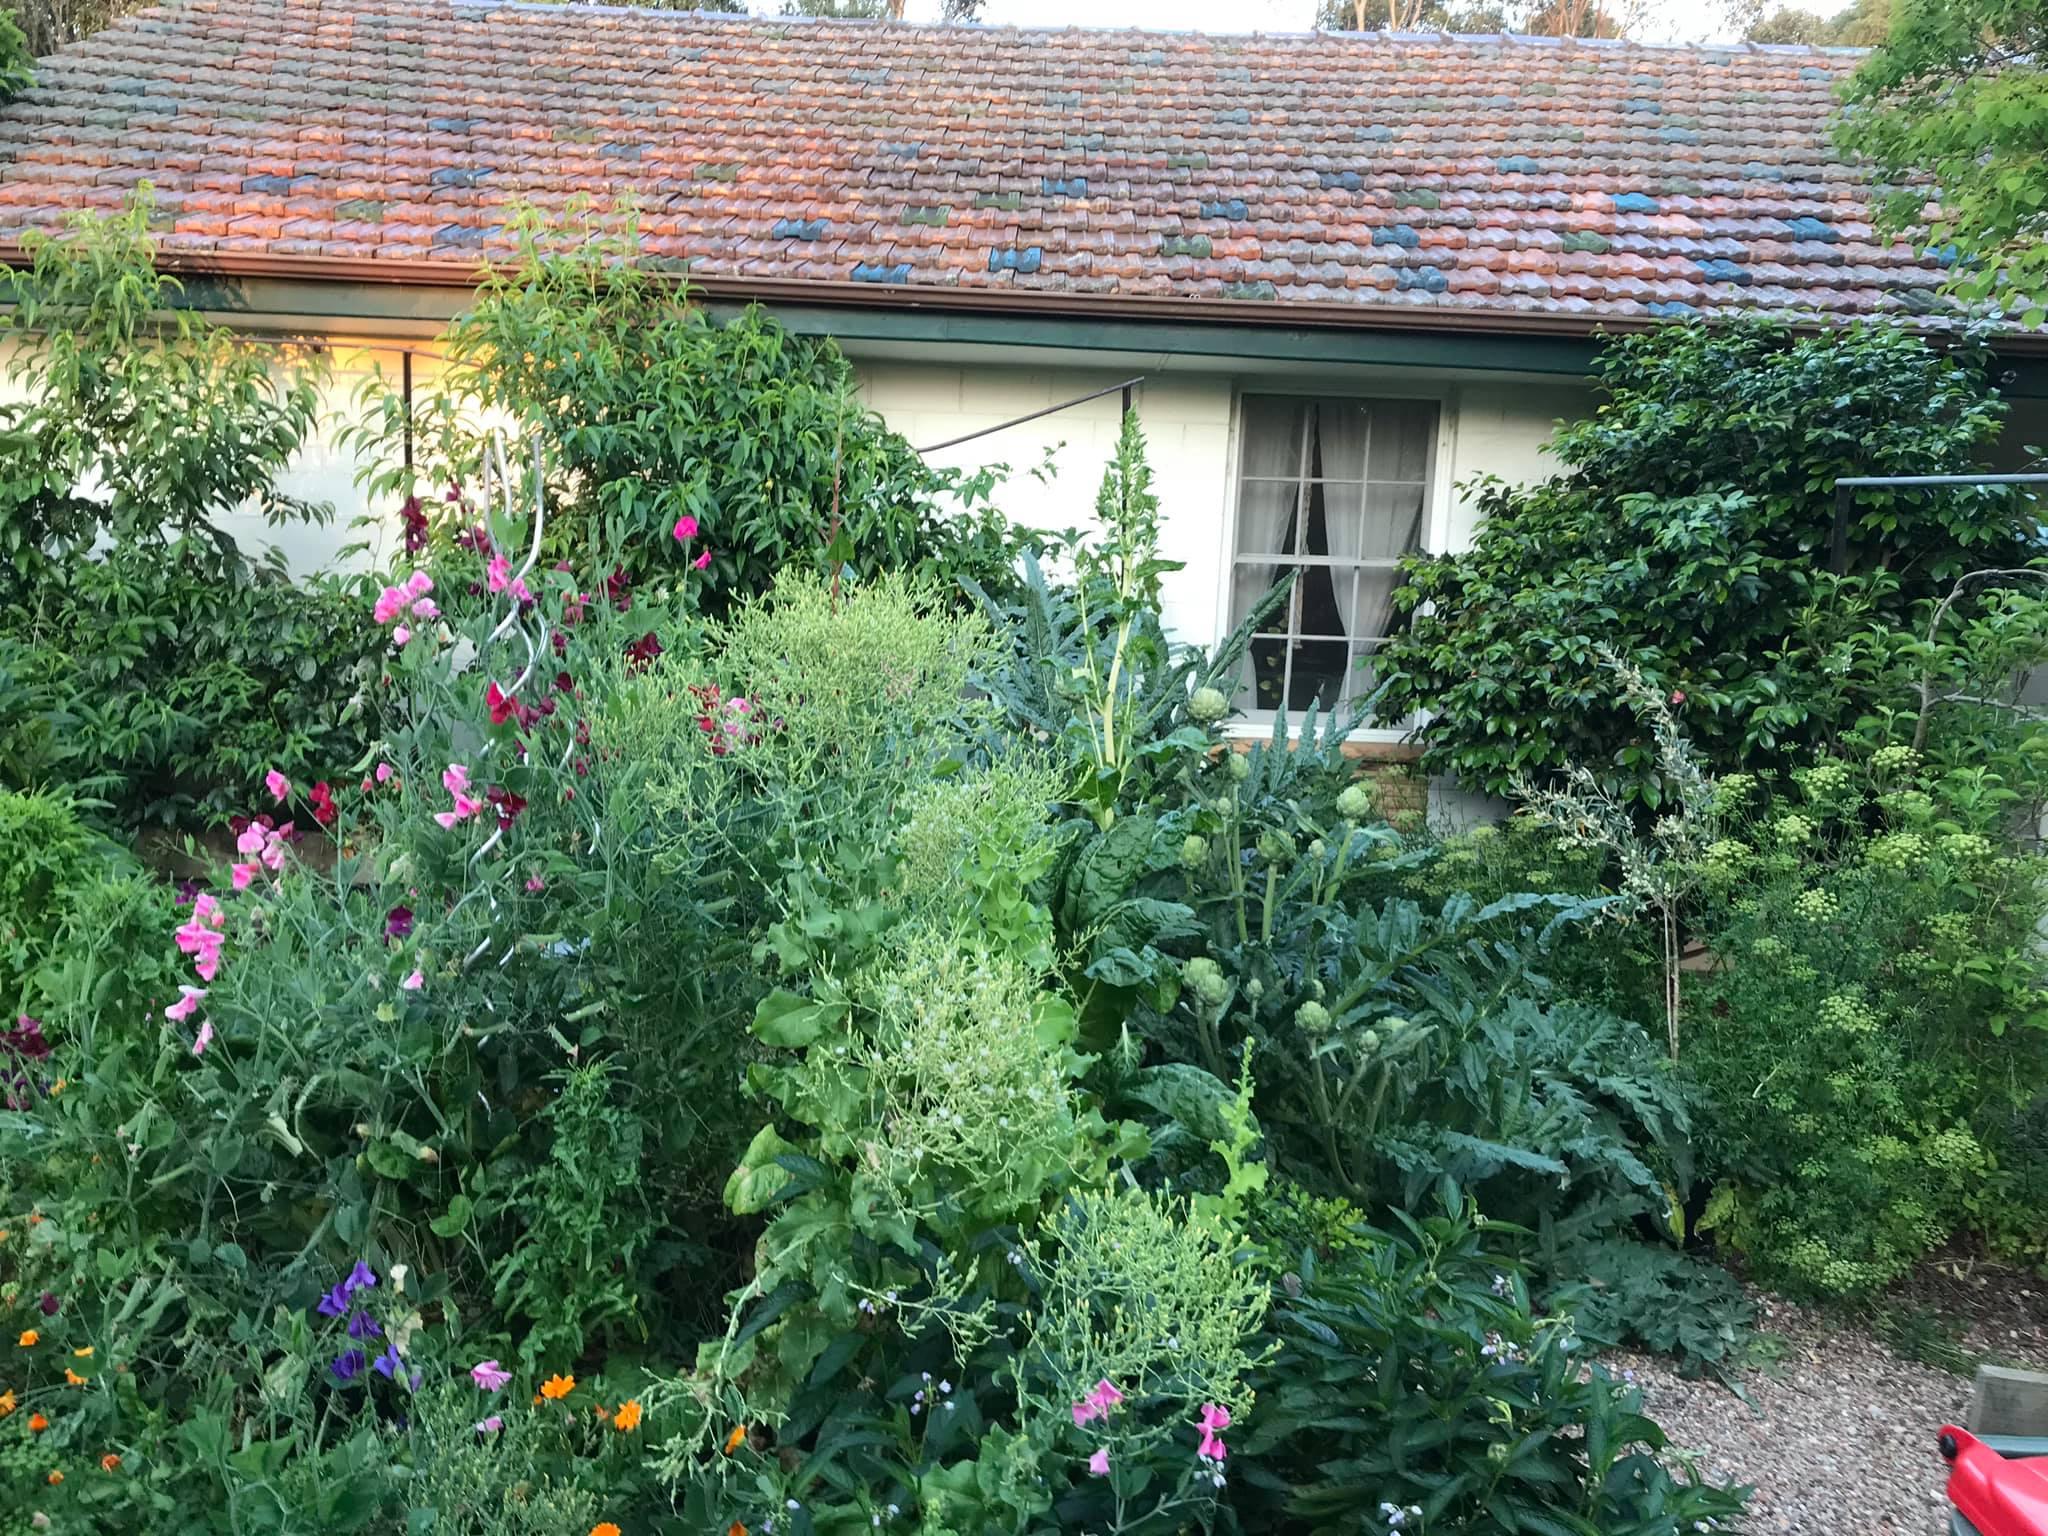 Khu vườn rộng 575m² xanh tươi đủ loại rau quả sạch giữa thành phố của người đàn ông thích trồng cây từ năm 9 tuổi - Ảnh 3.